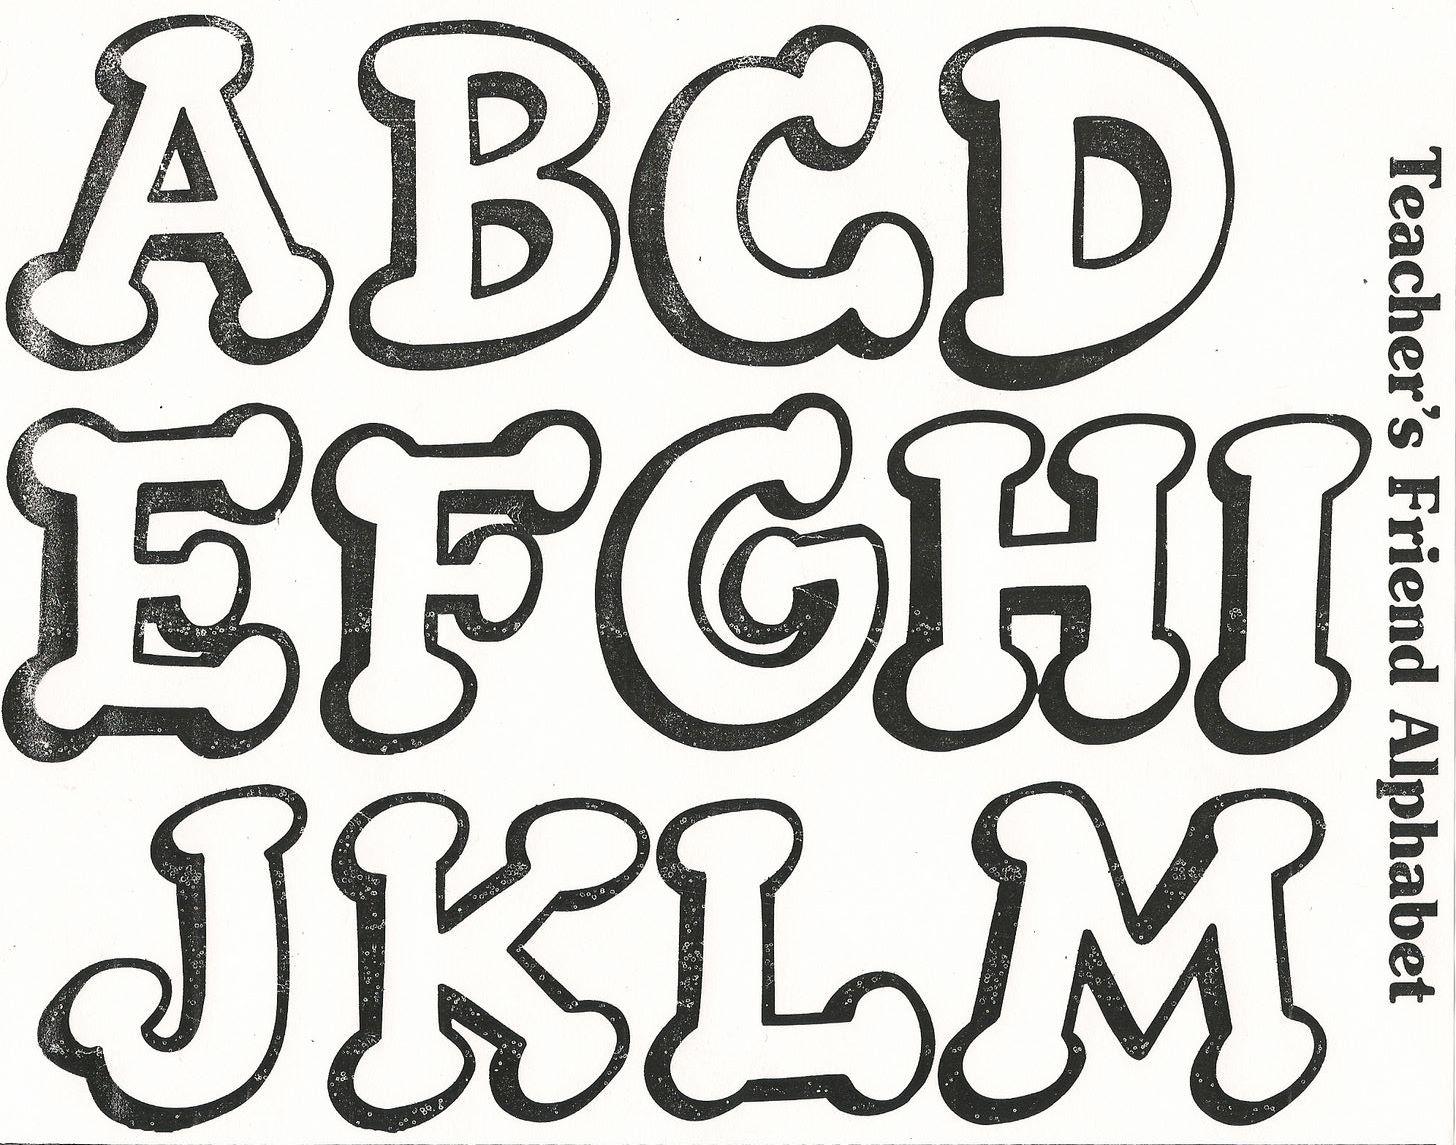 Letras cursivas grandes para imprimir images for Poster de pared grandes